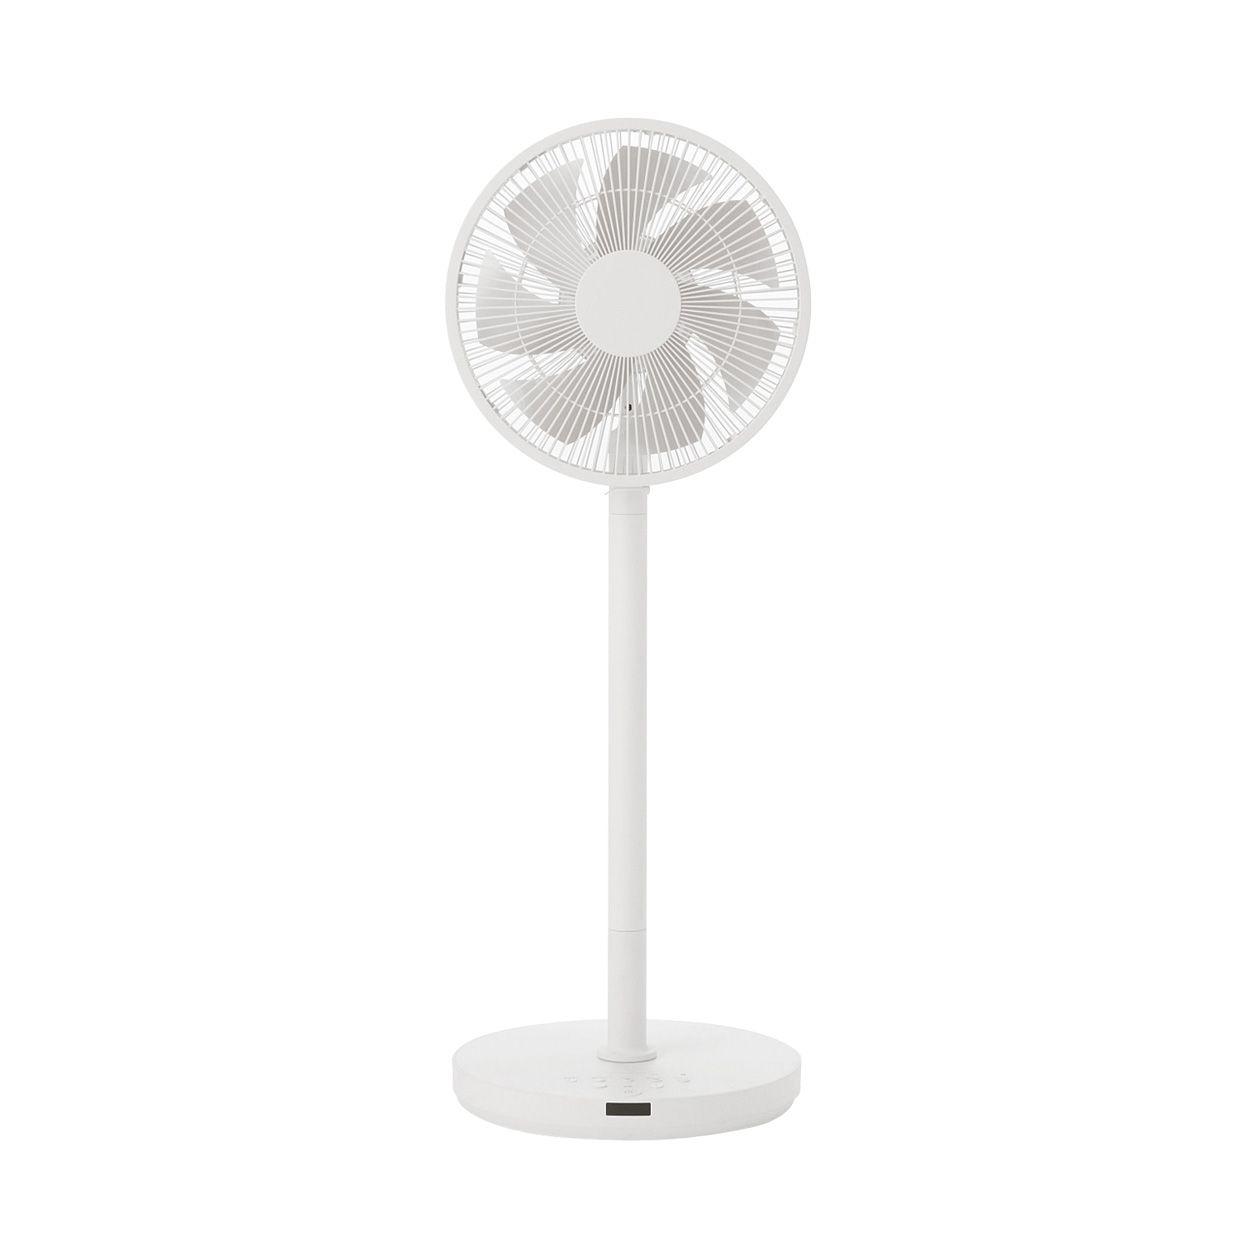 無印良品×三菱電機・DC扇風機「MJ-EFDC2」